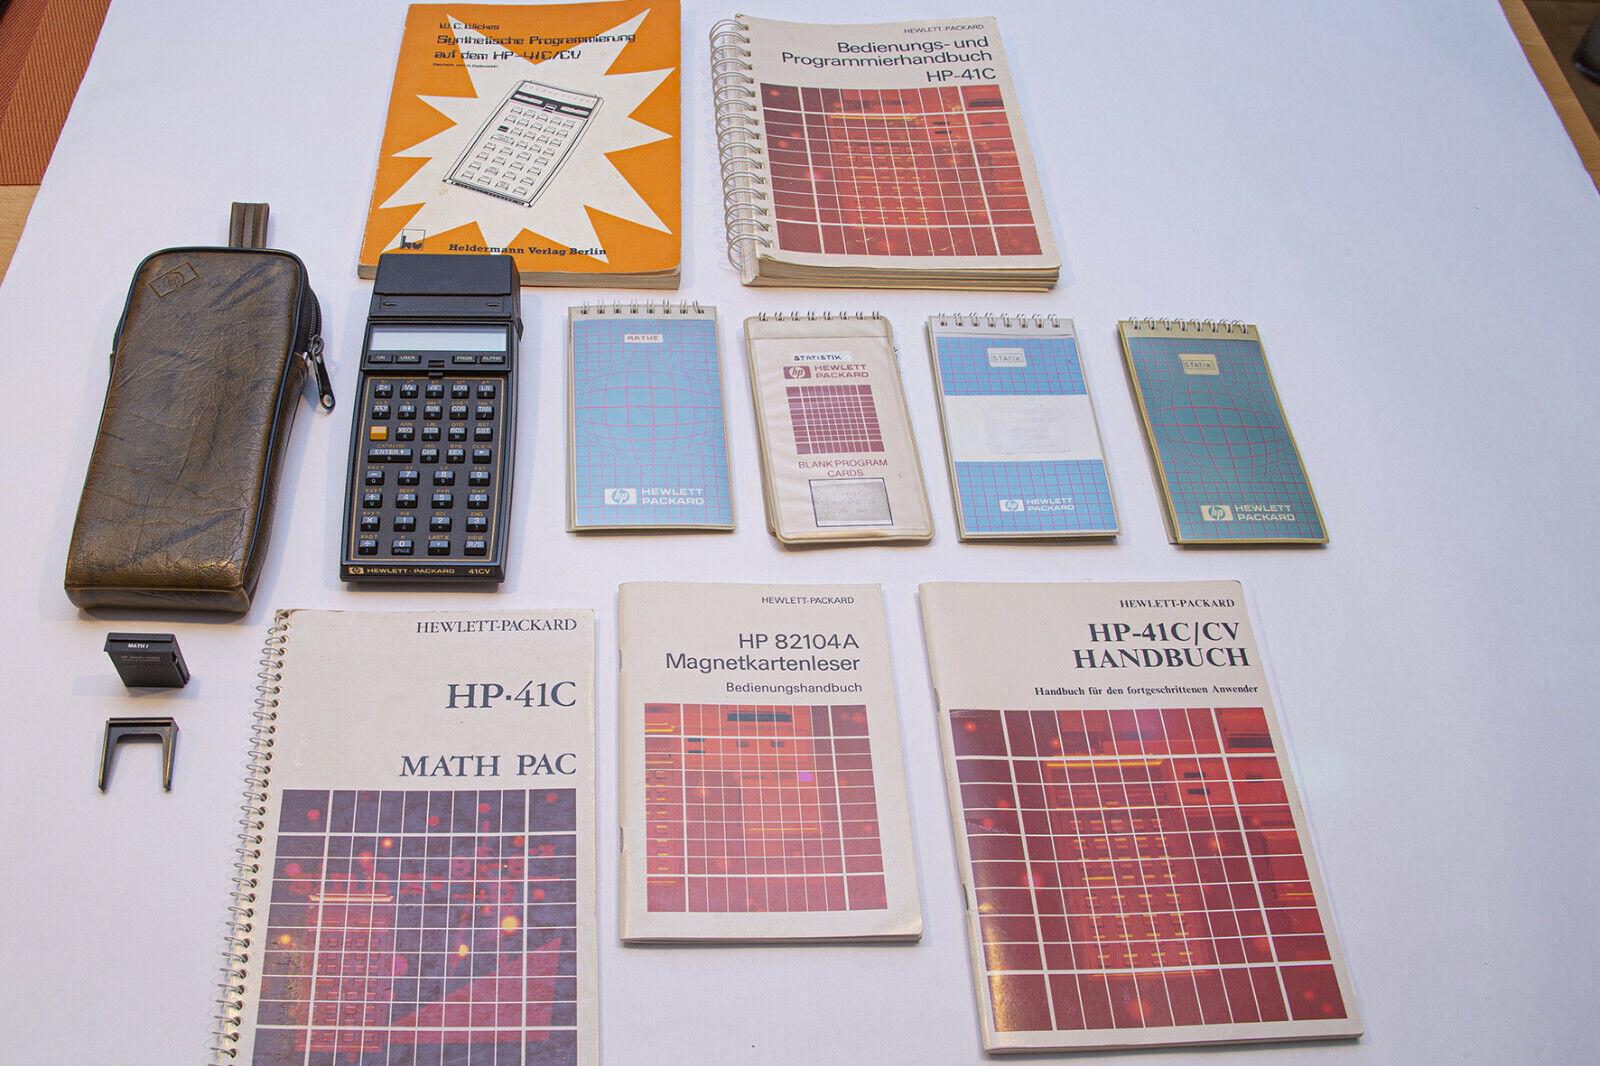 HP 41C HP 41CX HP 41CV Replacement Batteriekontakte Neu Flex-PCB Austausch